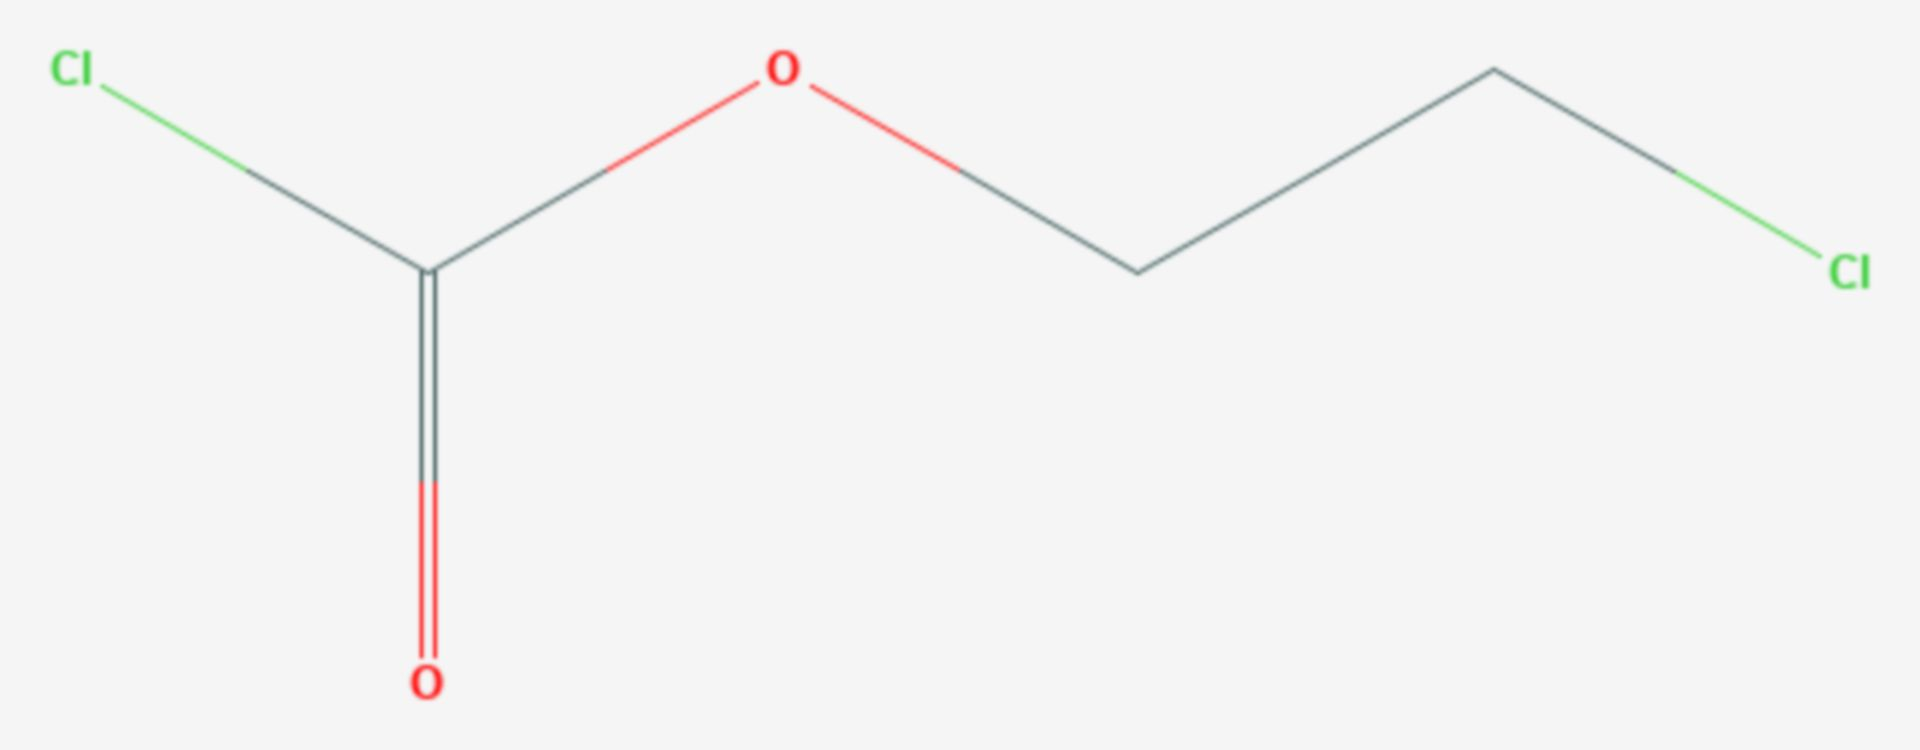 Chlorameisensäure-2-chlorethylester (Strukturformel)